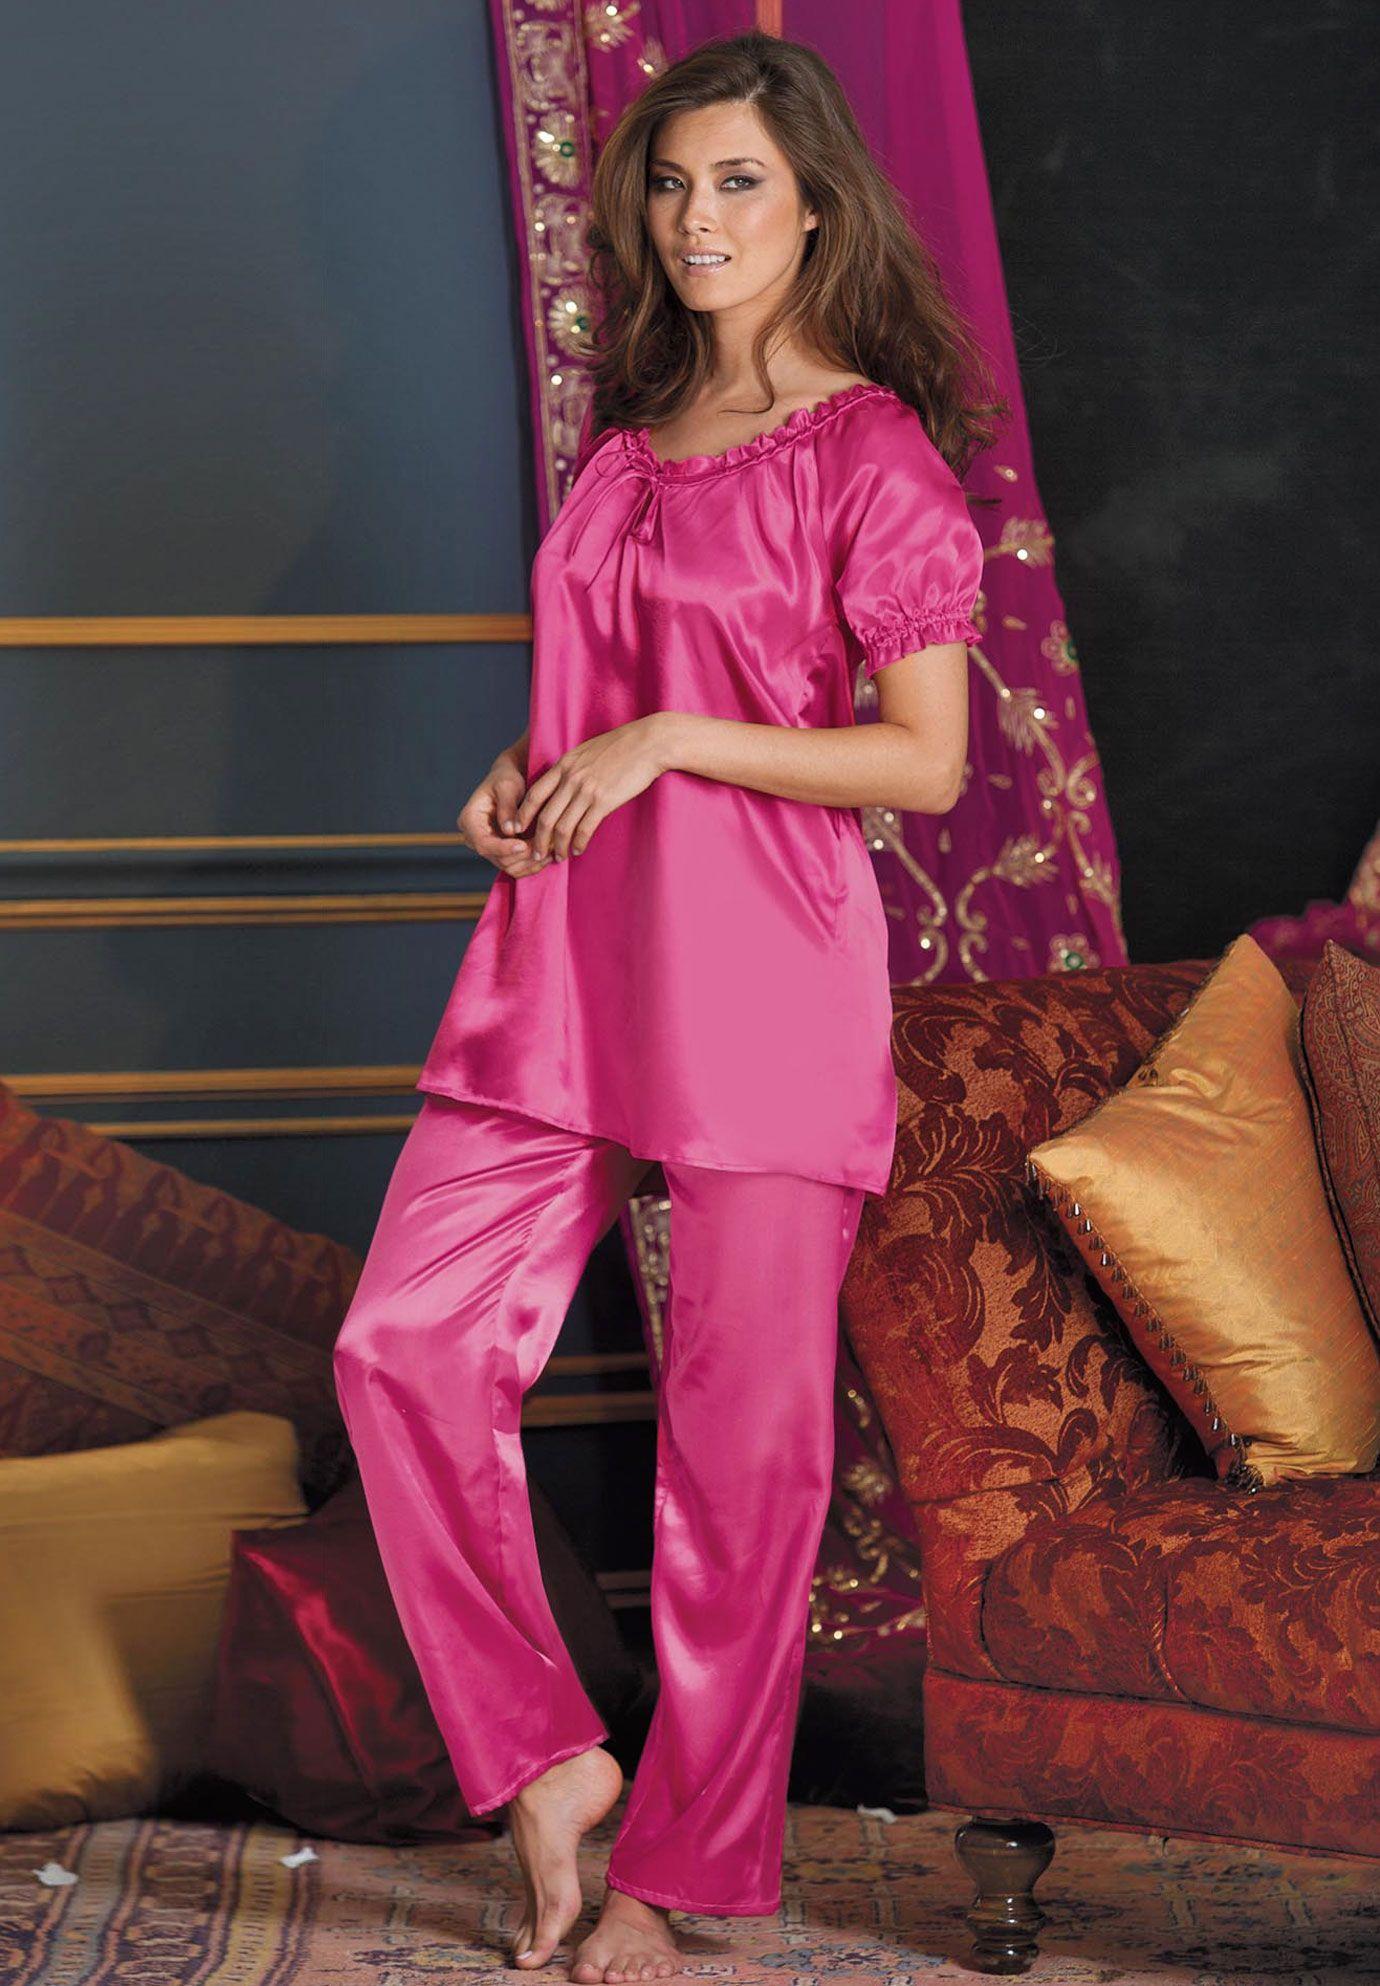 Plus Size Lingerie & Sleepwear: Sleepwear for Women | Roamans ...